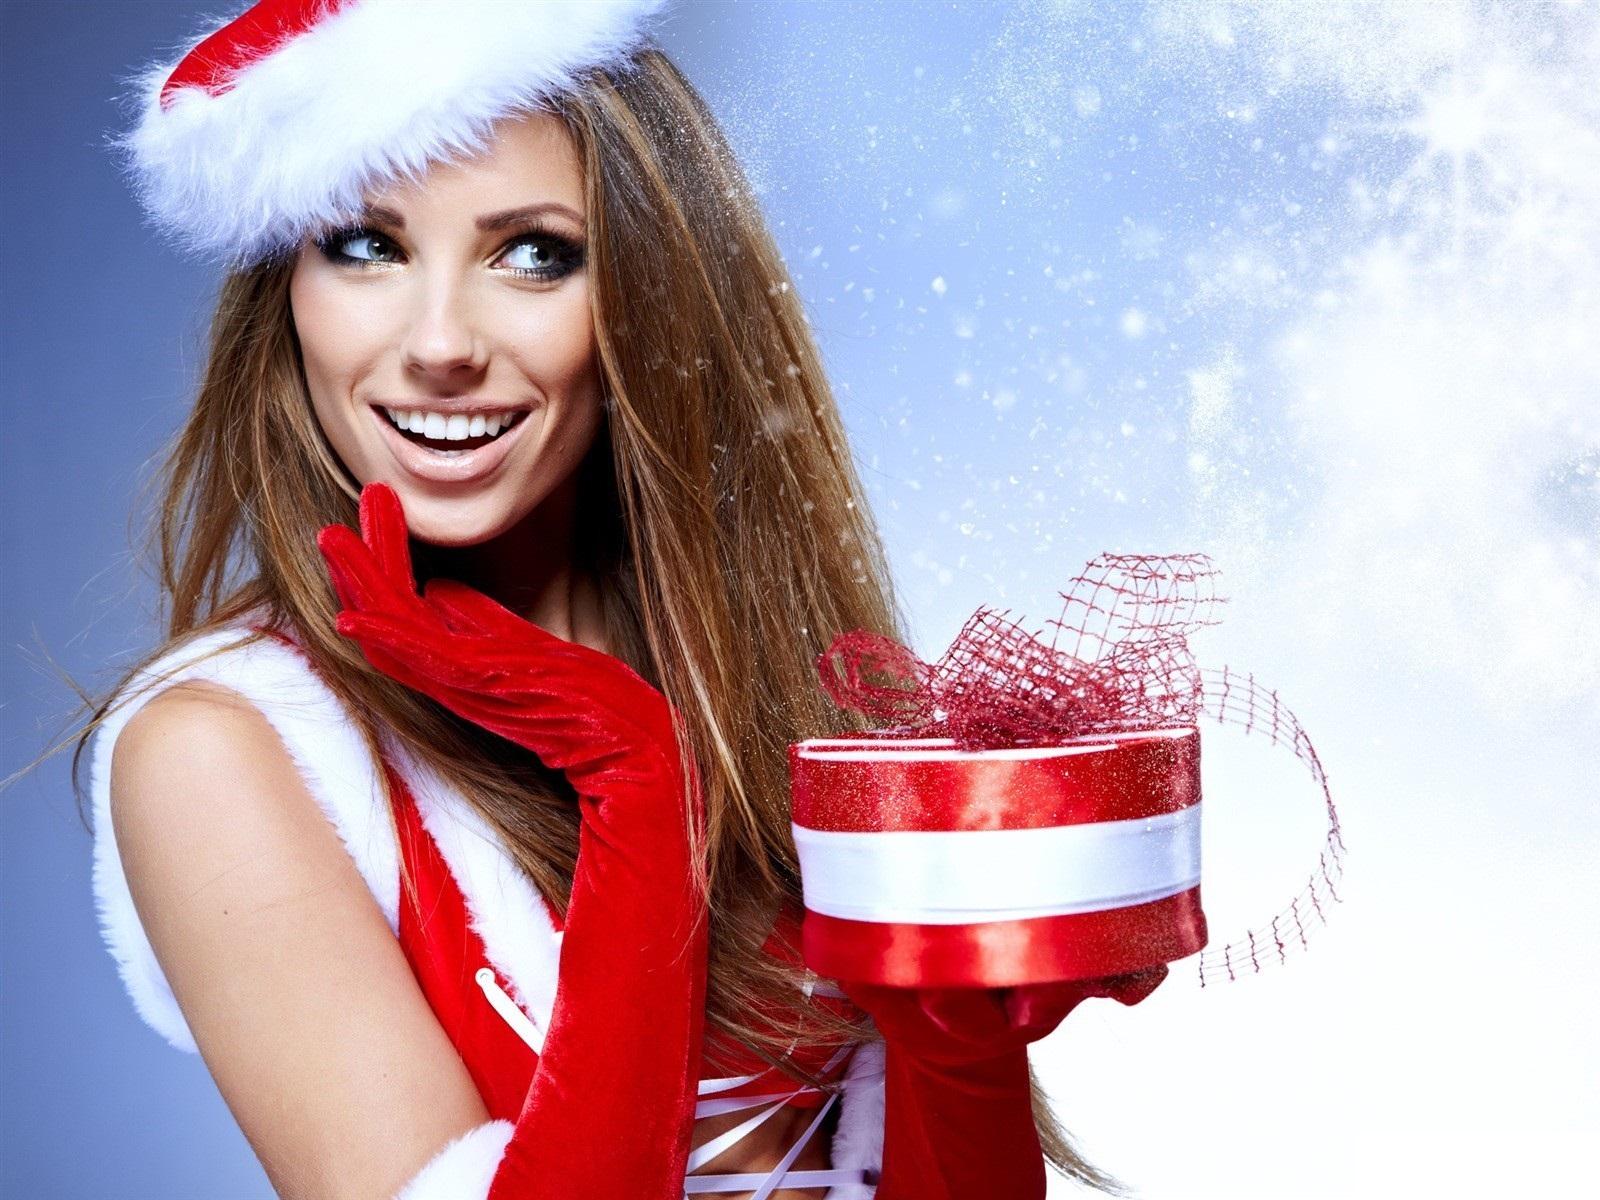 Christmas Girl Wallpaper HD 20786 - Baltana